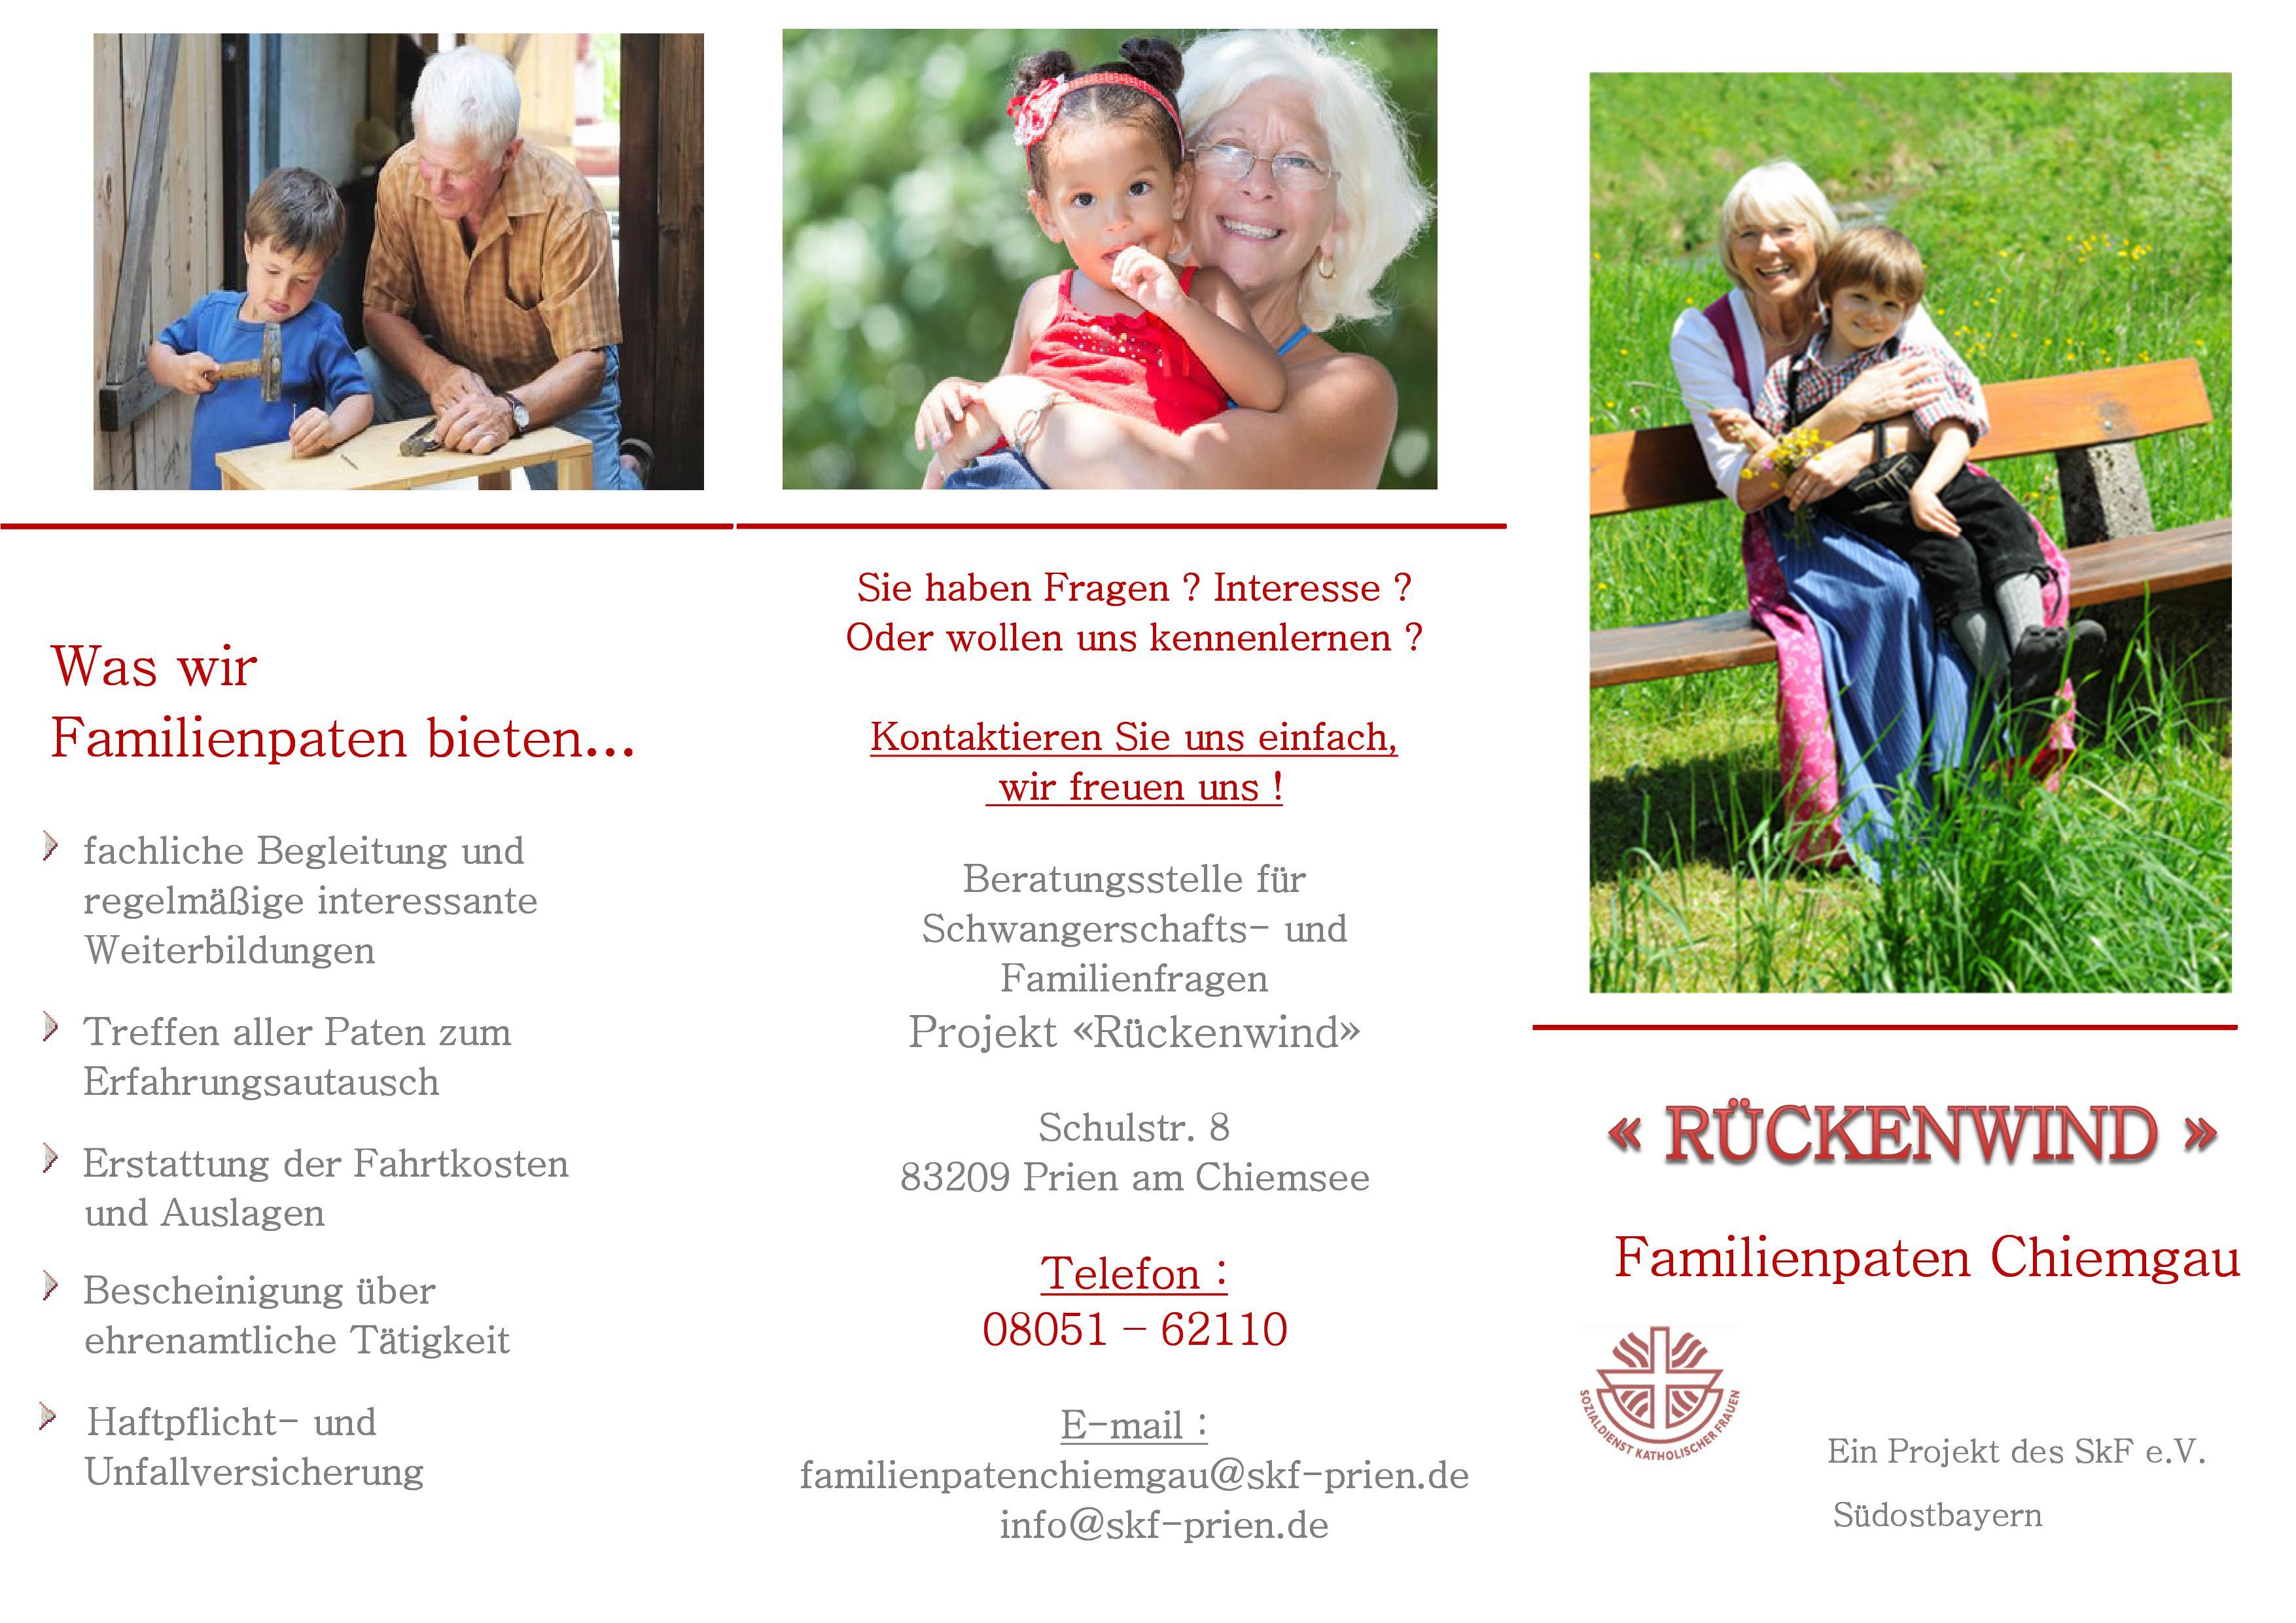 Familienpaten Chiemgau